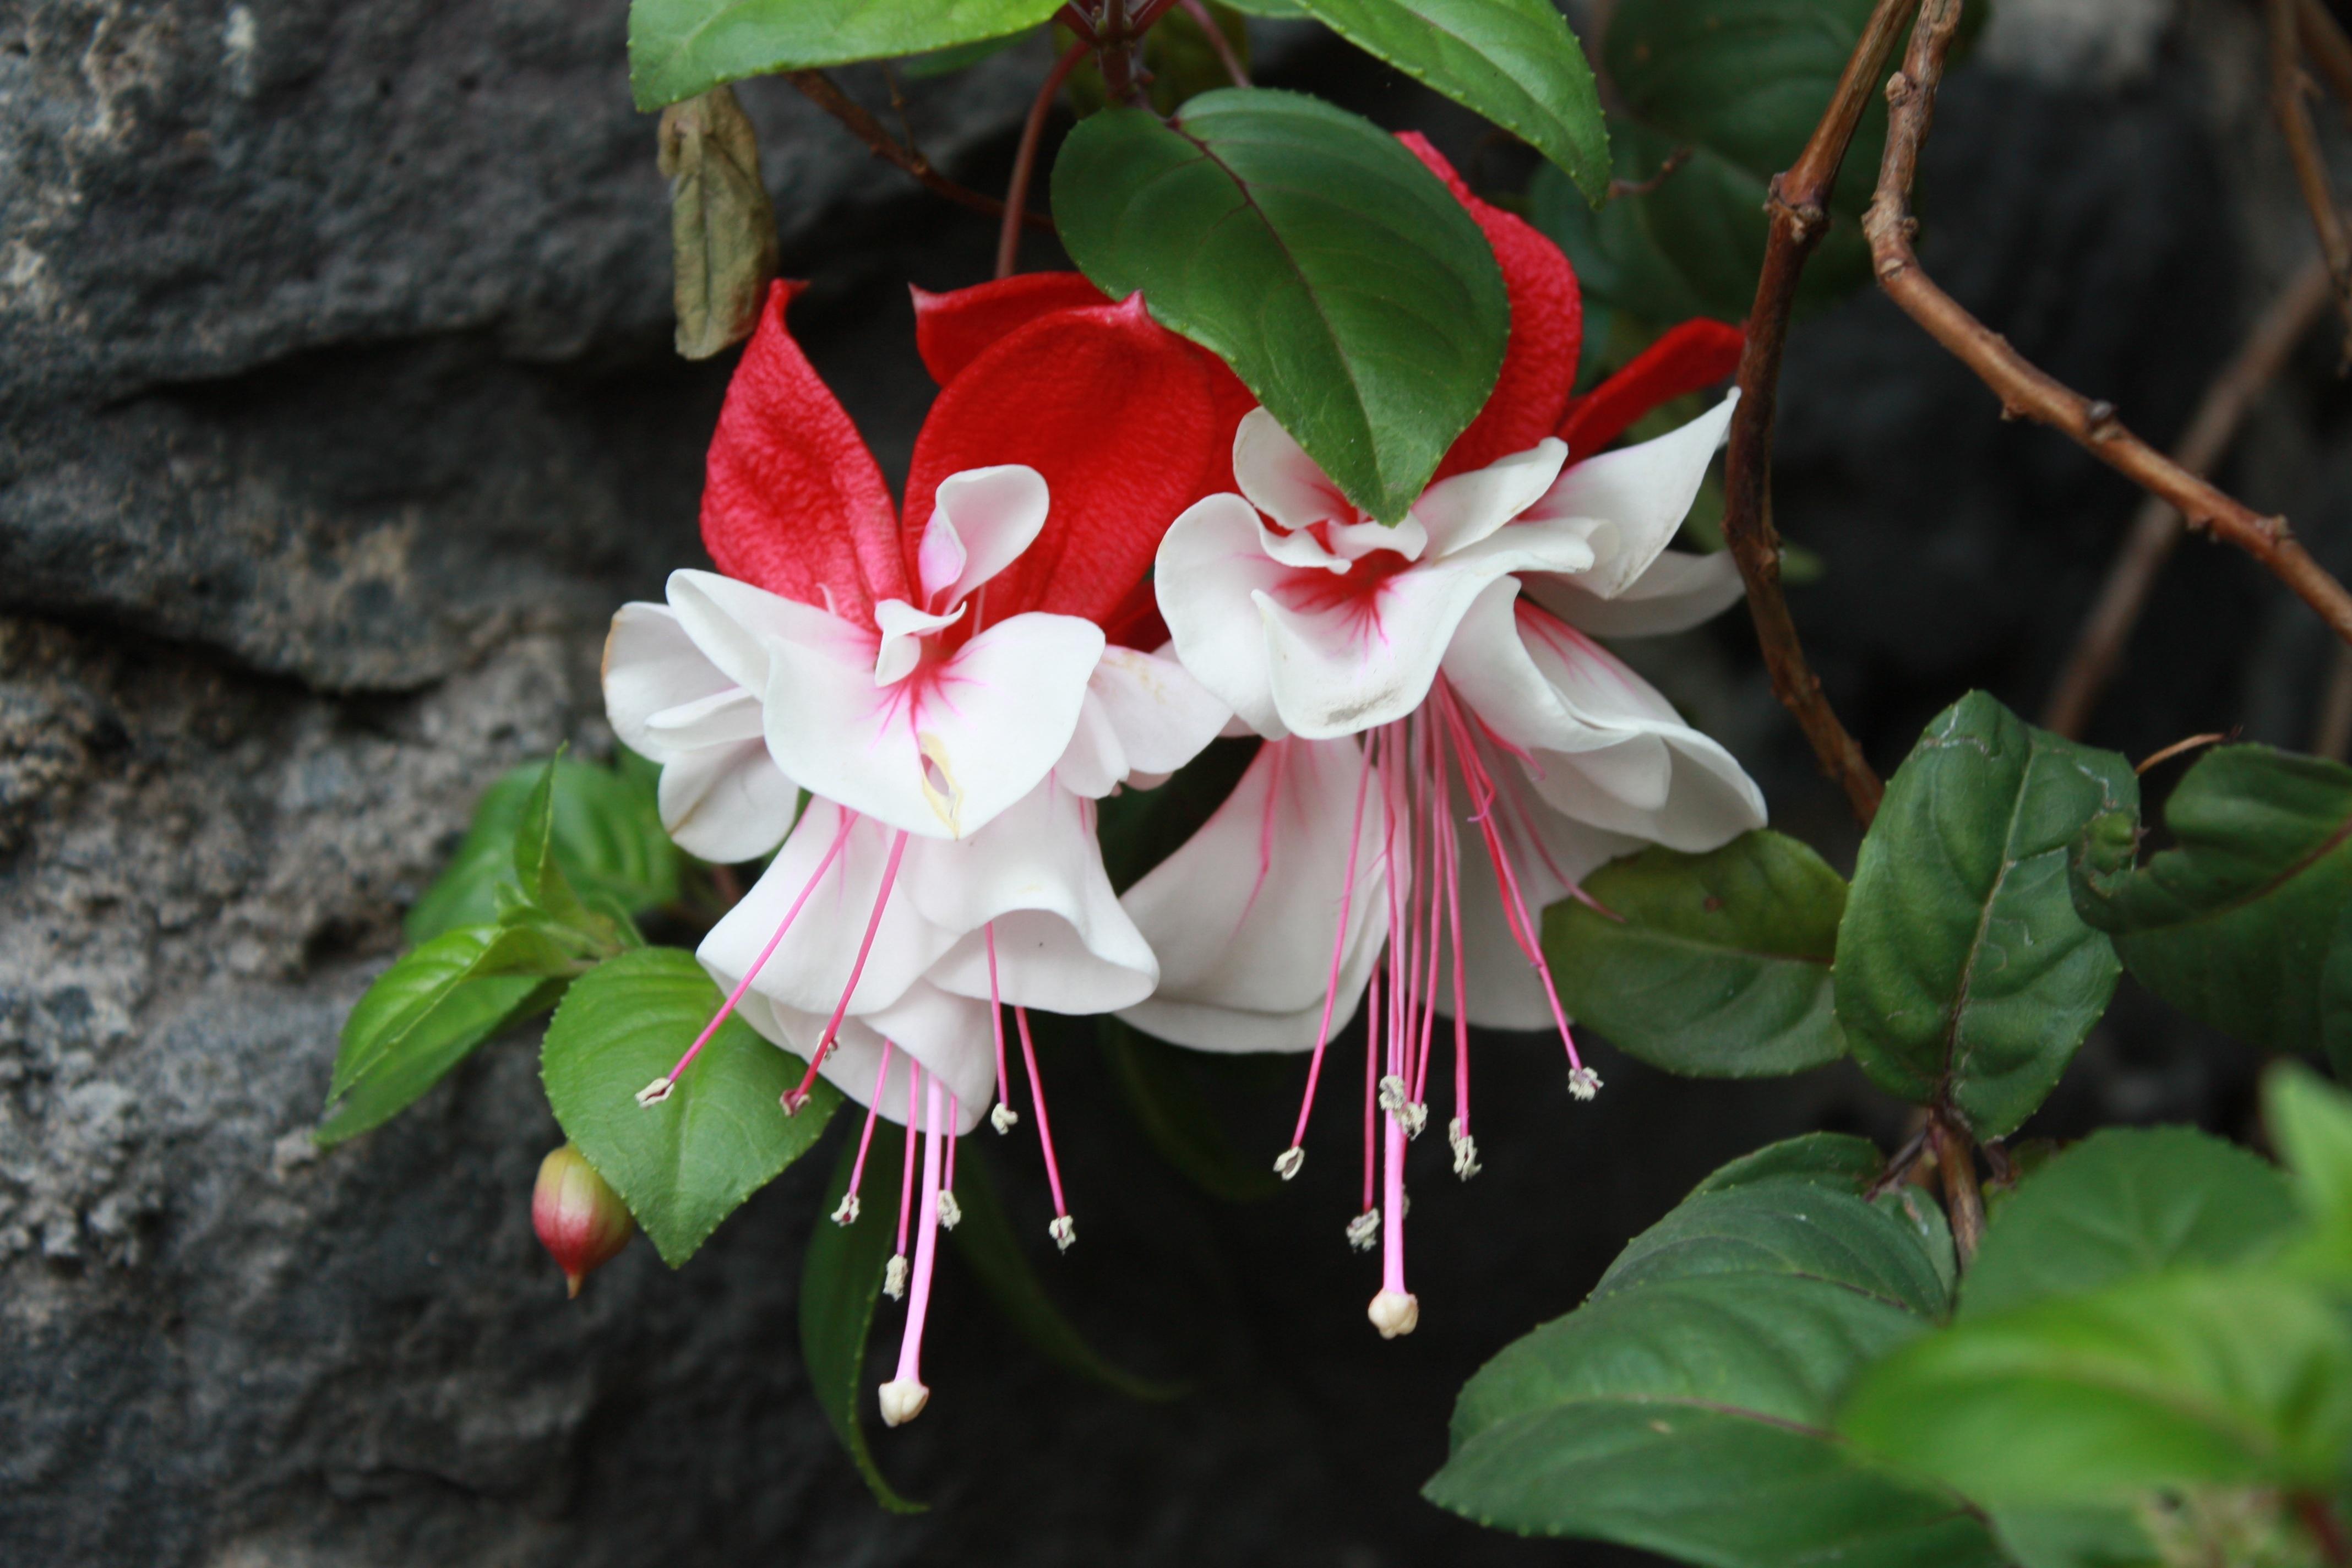 комнатные цветы которые красиво цветут картинки сезон шашлыков дачной